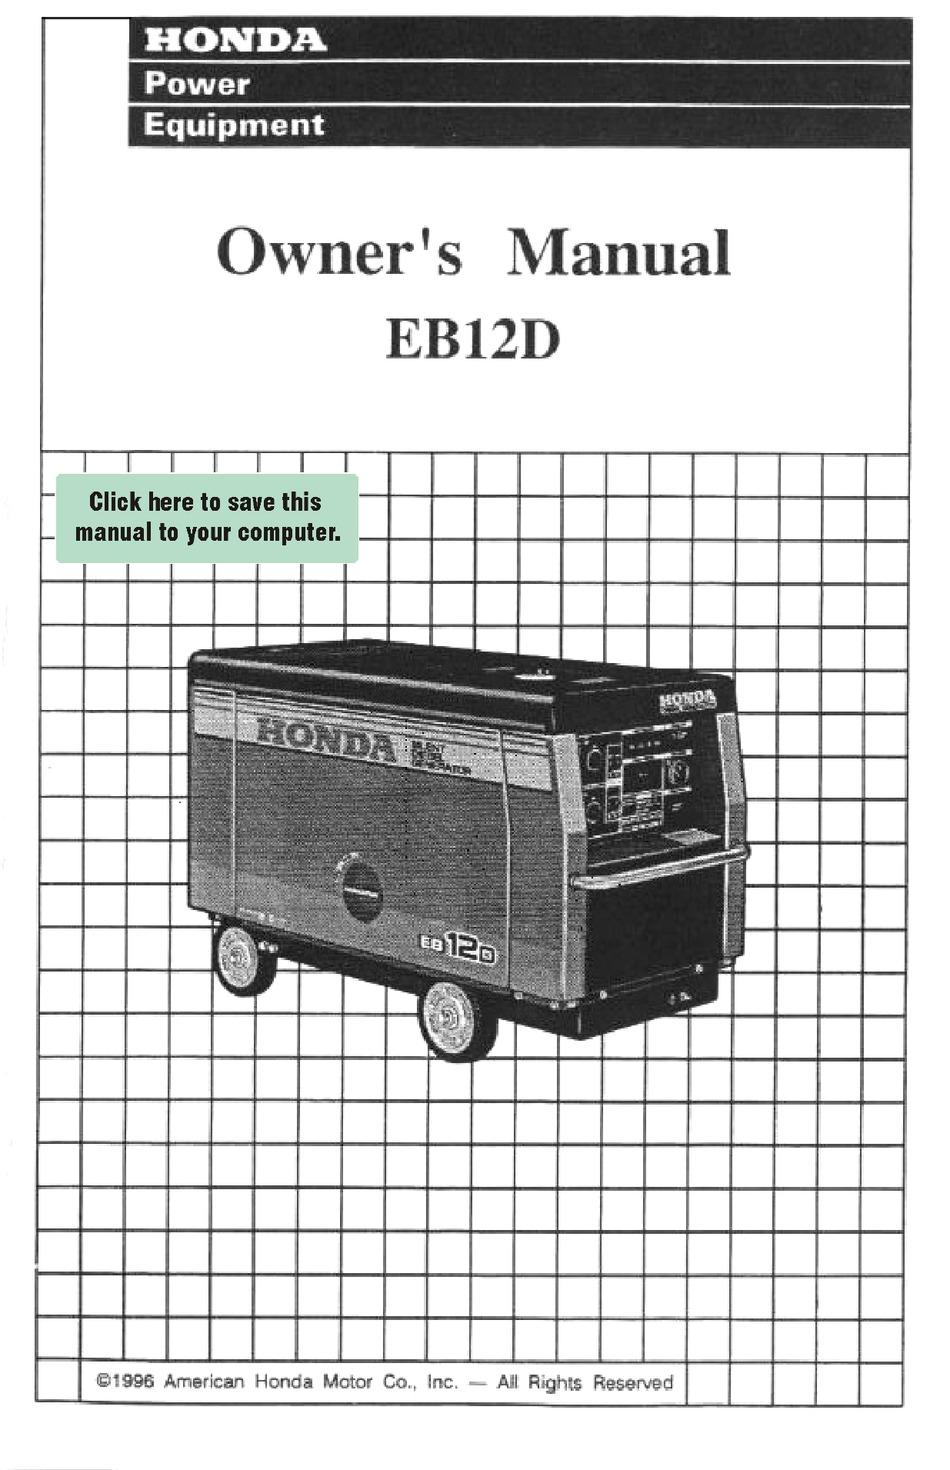 Honda Eb12d Owner S Manual Pdf Download Manualslib